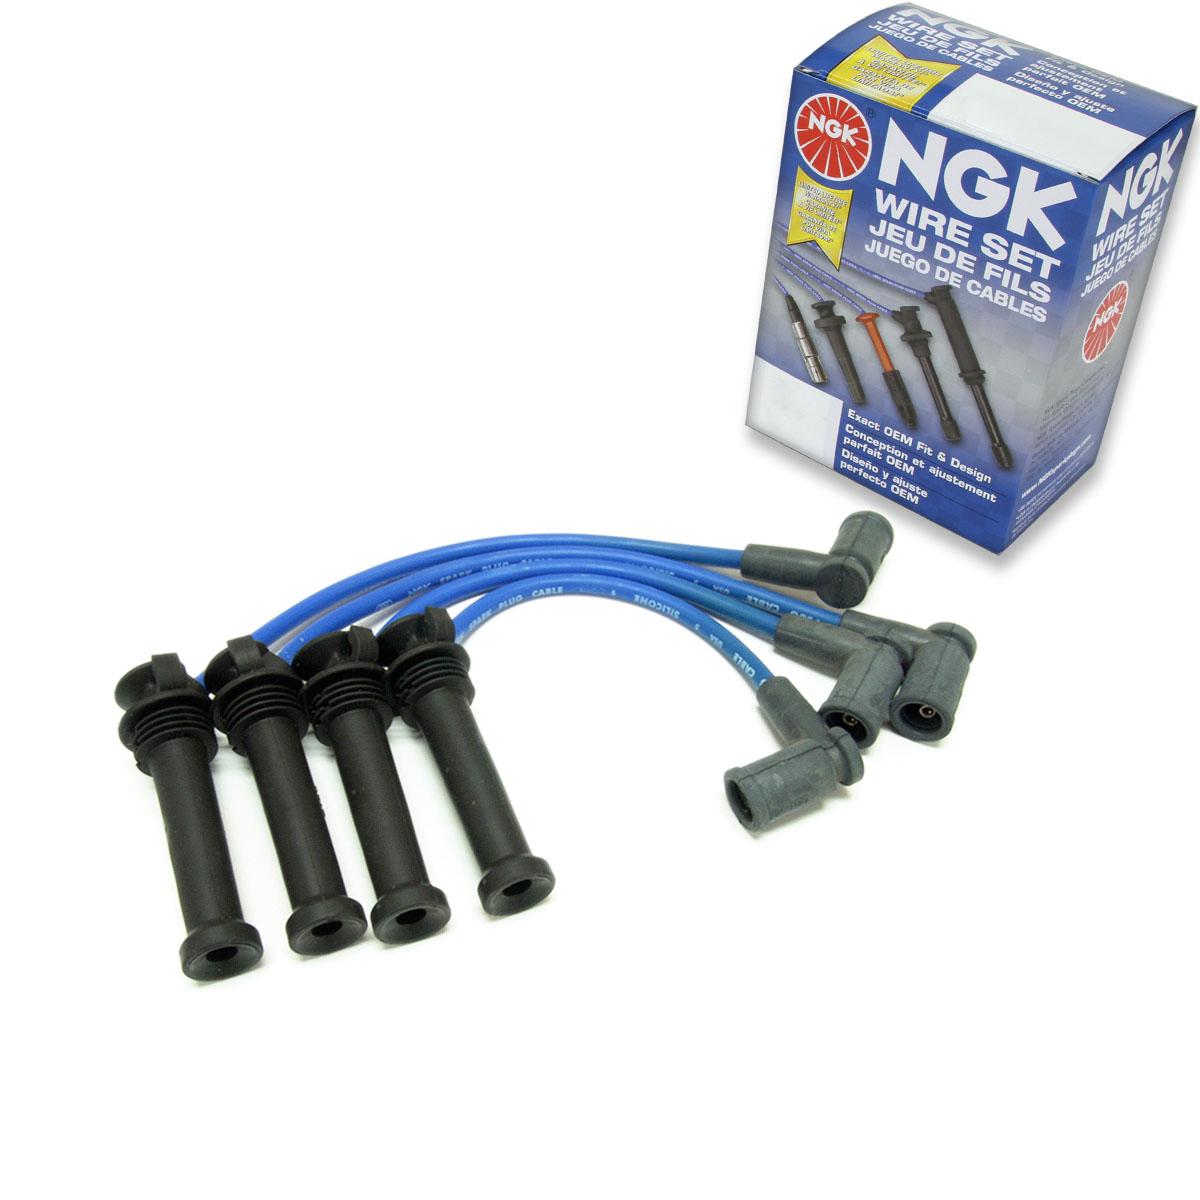 Engine Kit ux 1 pc NGK Spark Plug Wire Set for 2001-2005 Mazda Miata 1.8L L4